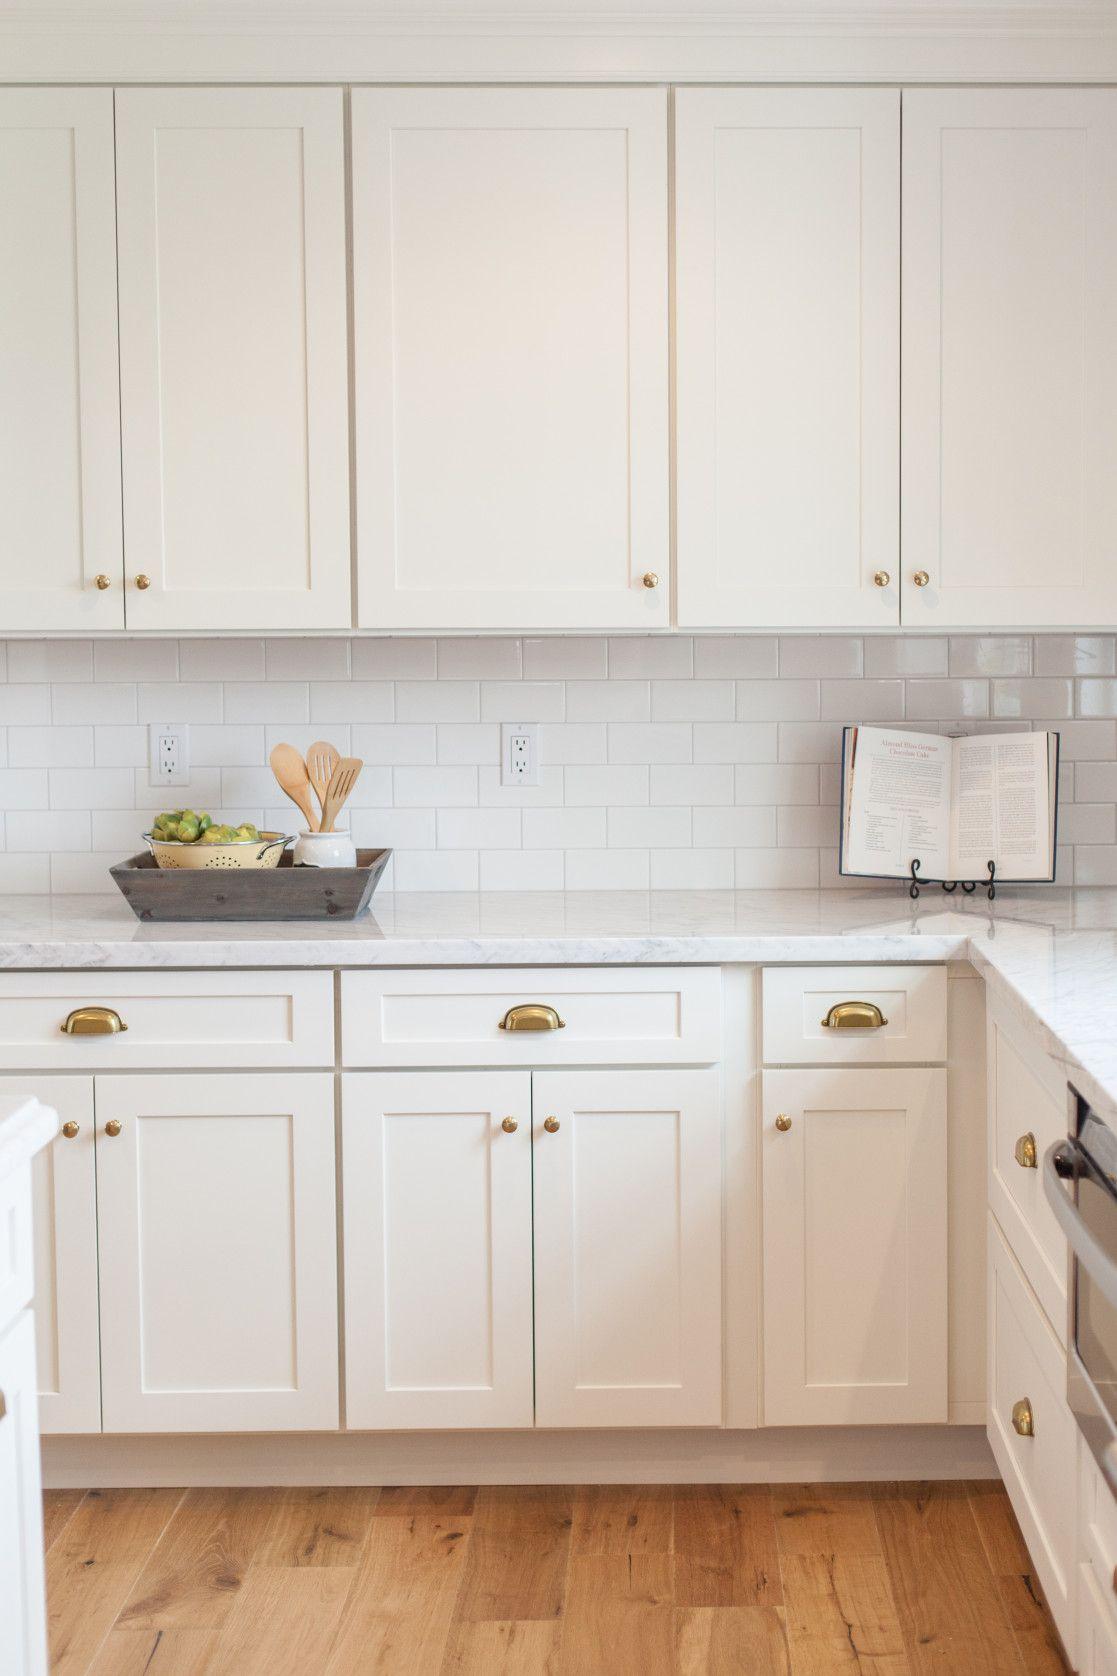 55 Kitchen Cabinet Hardware With Backplates Corner Kitchen Cupboard Ideas Modern White Kitchen Cabinets Kitchen Cabinet Styles Shaker Style Kitchen Cabinets